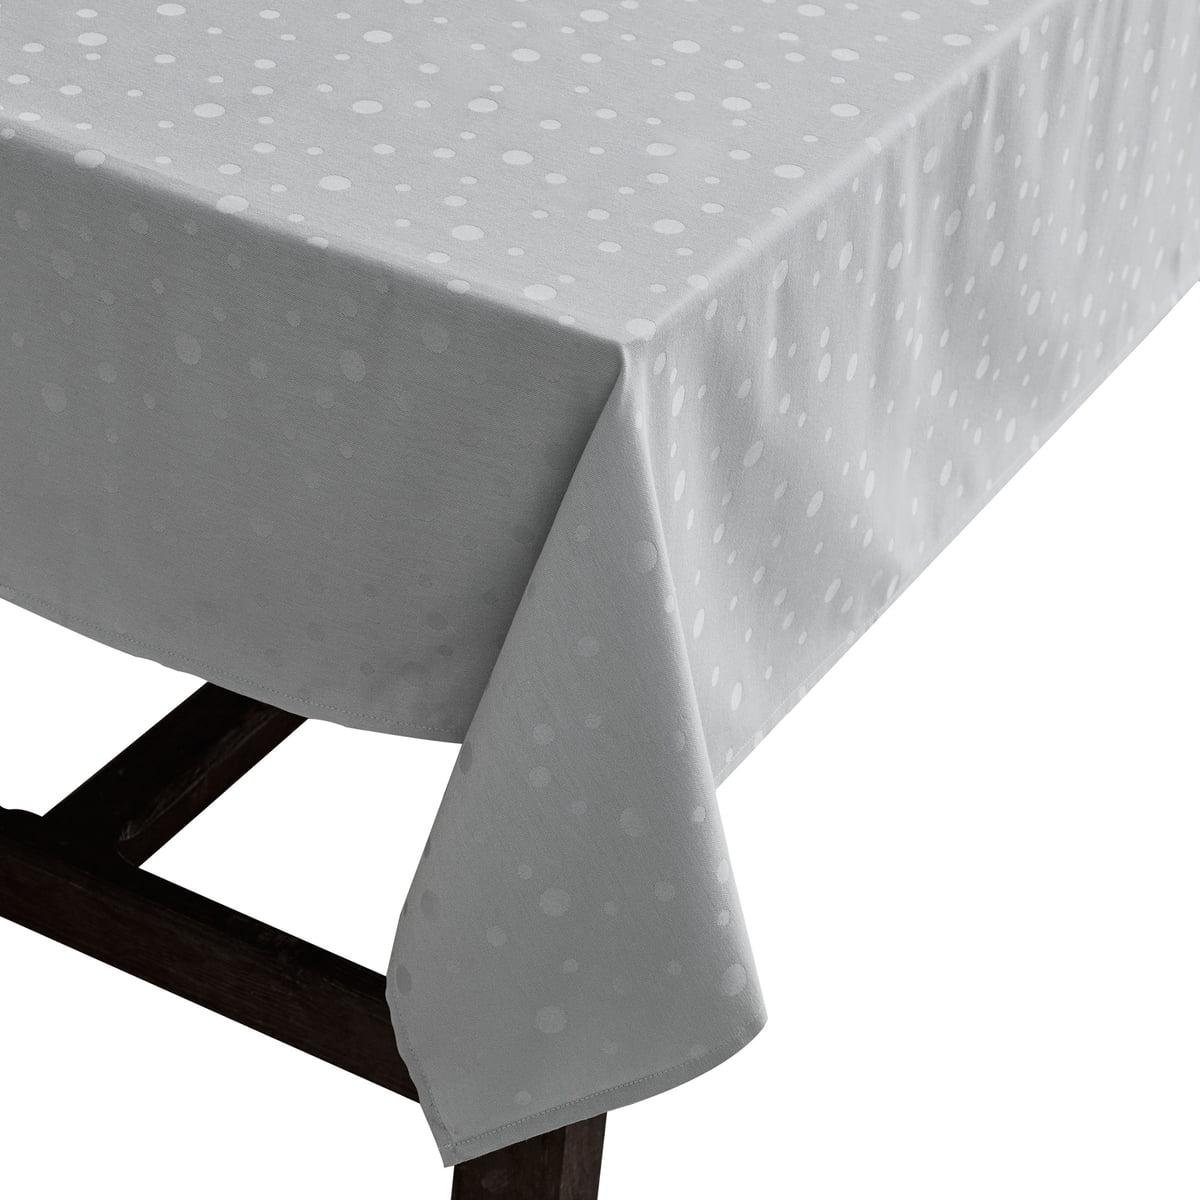 Juna - Nappe Dot 140 x 220 cm, gris clair